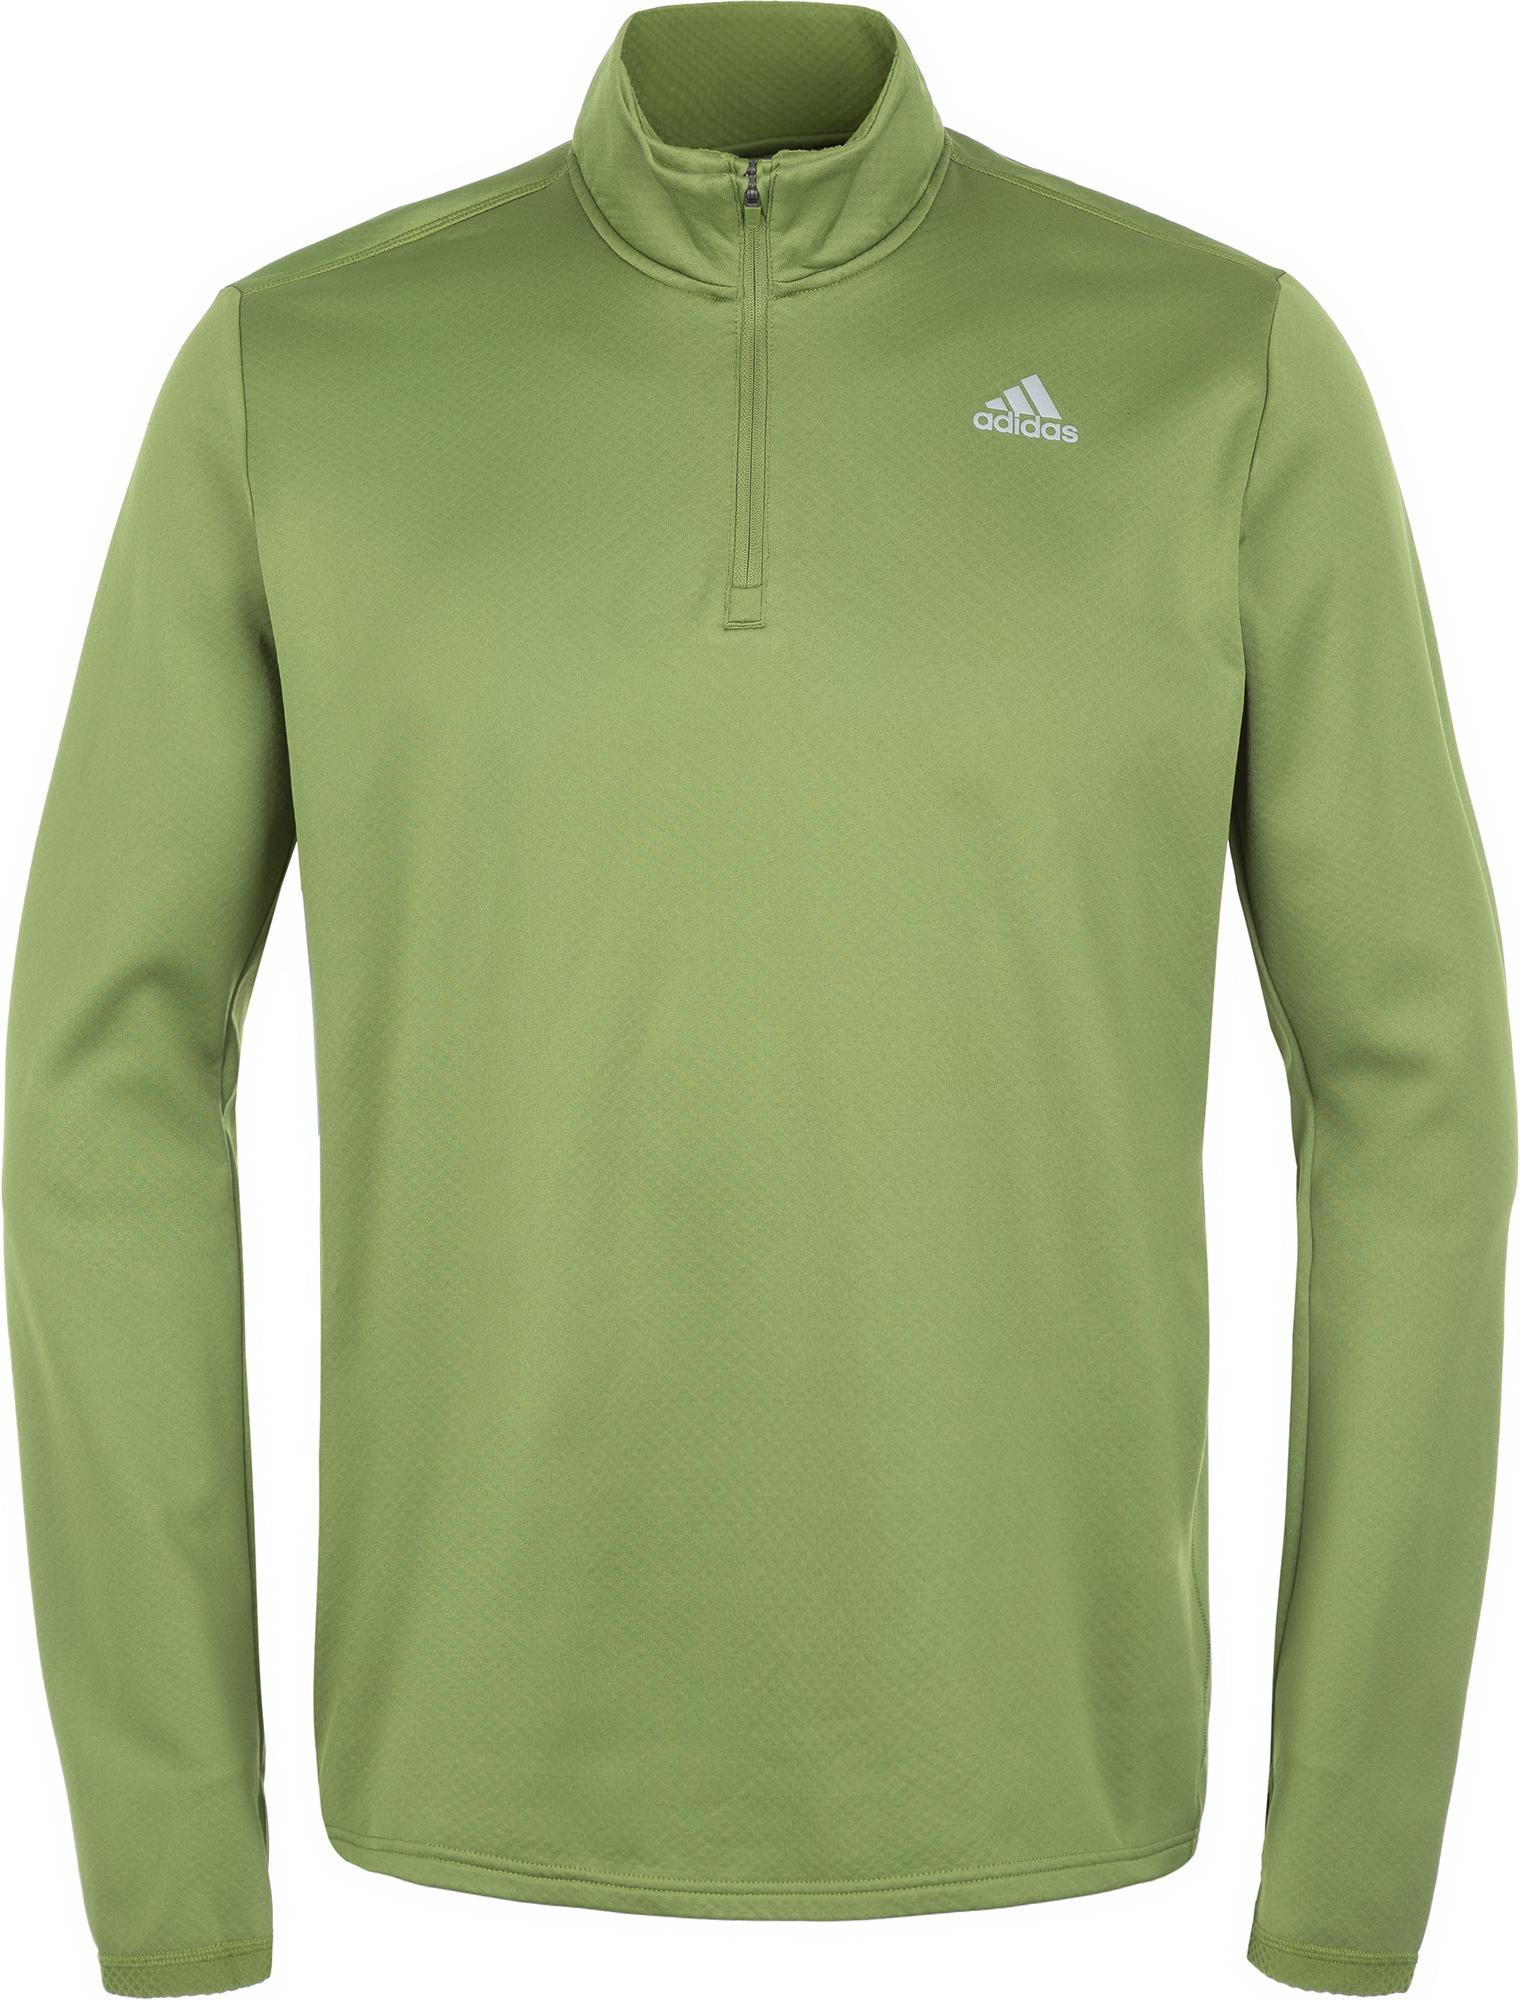 Adidas Лонгслив мужской Adidas Response Climawarm 1/4 Zip, размер 54 все цены